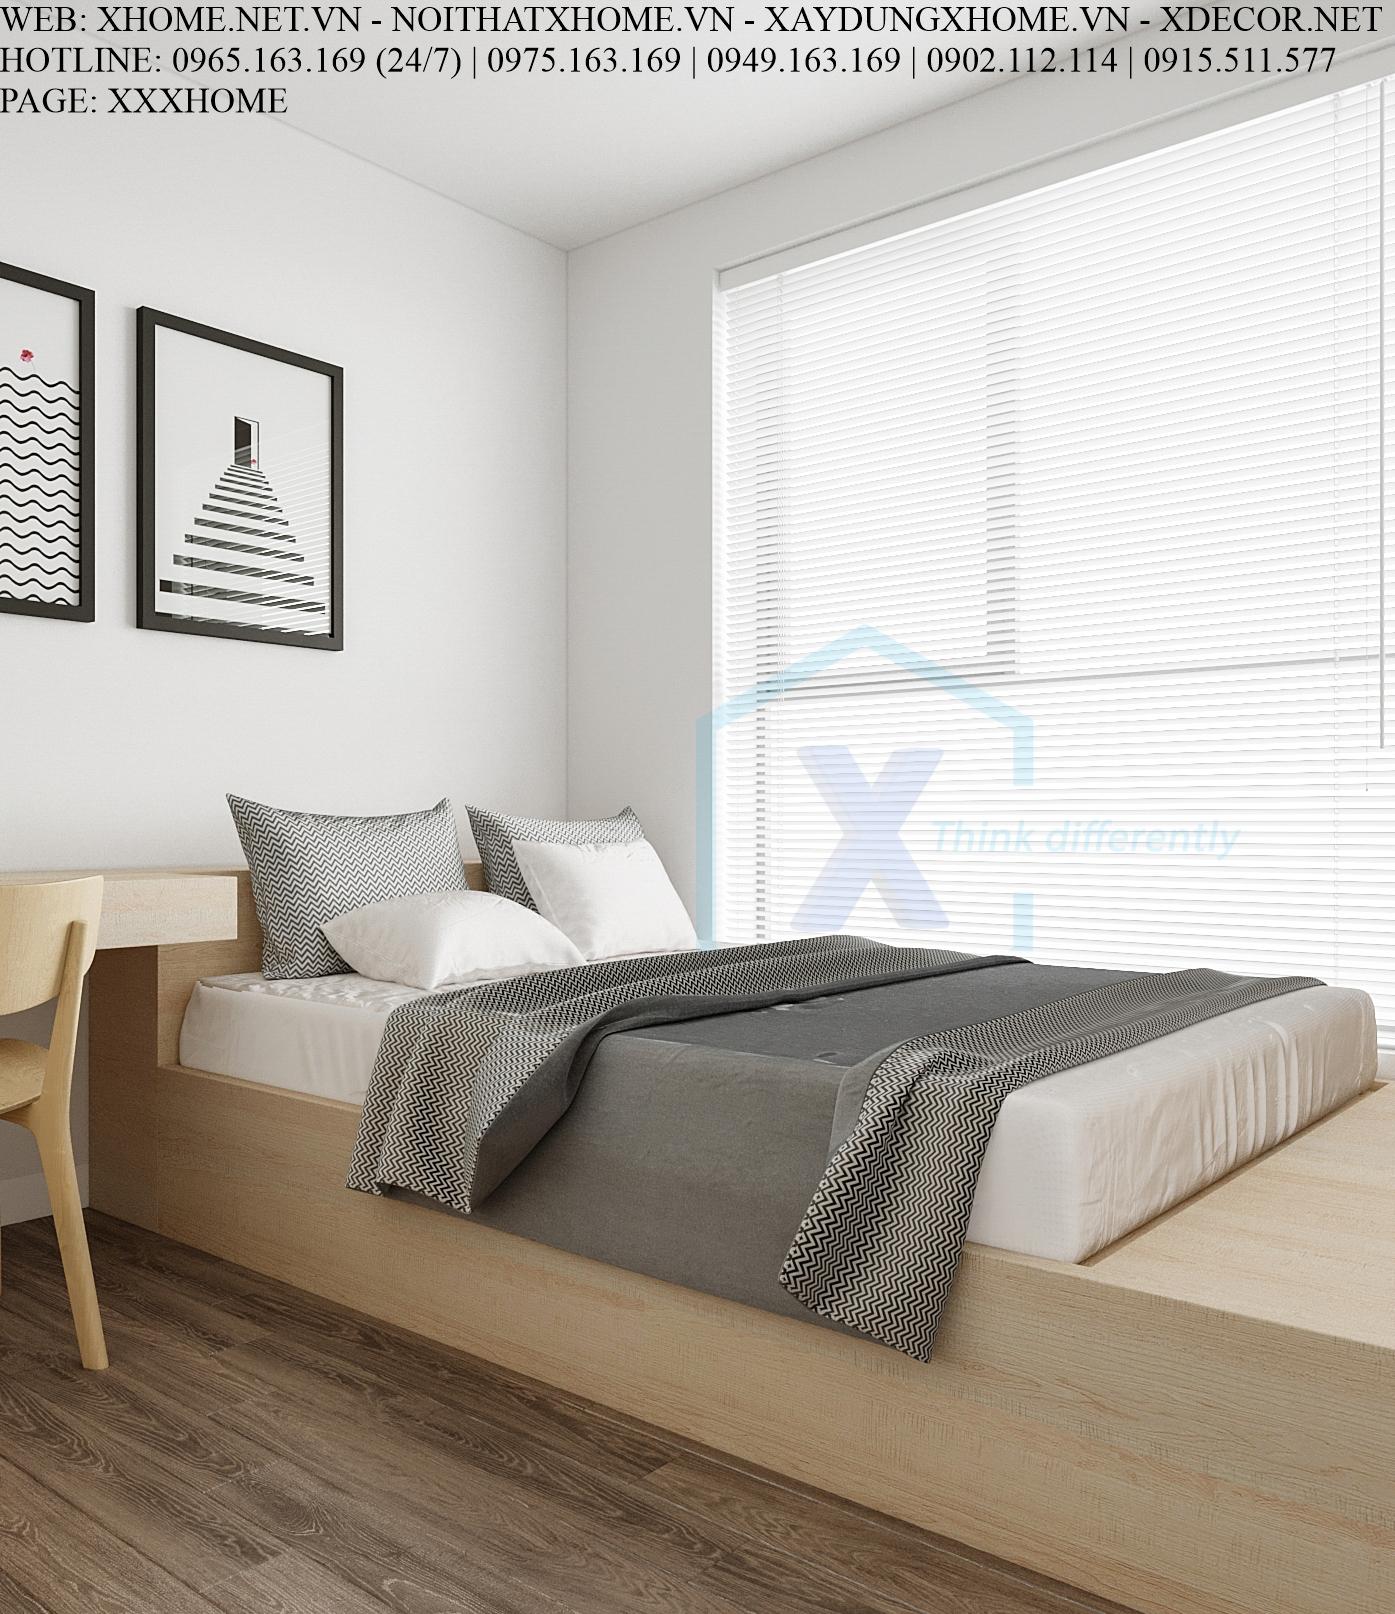 X HOME THIẾT KẾ CĂN HỘ CHUNG CƯ PHC COMPLEX 100 M2